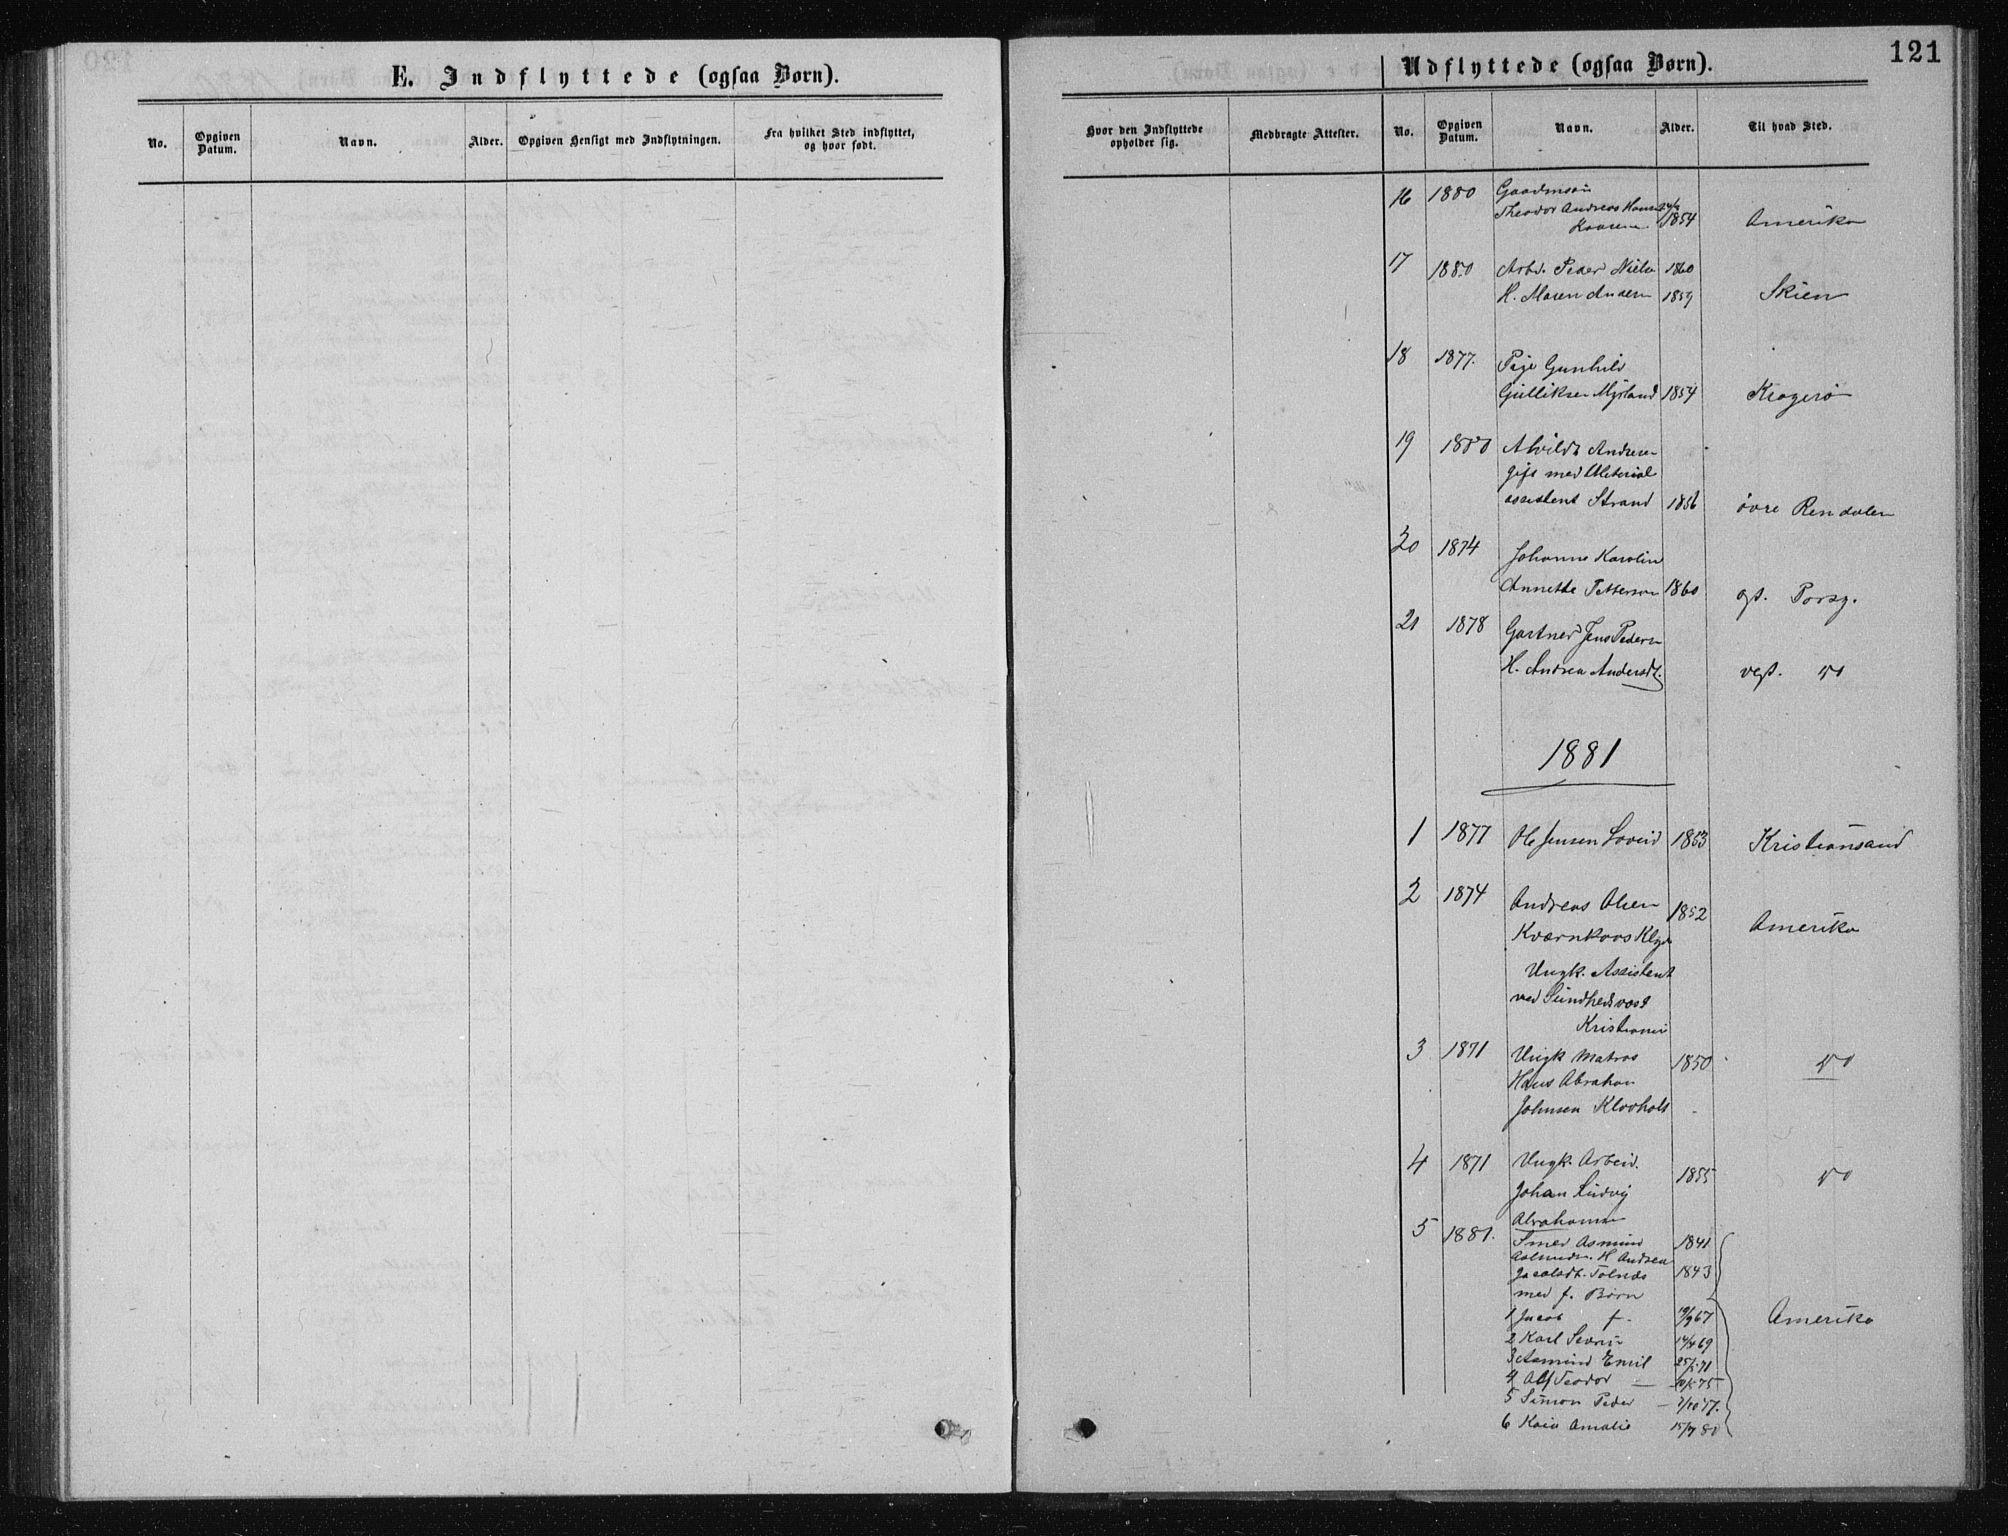 SAKO, Solum kirkebøker, G/Ga/L0005: Klokkerbok nr. I 5, 1877-1881, s. 121